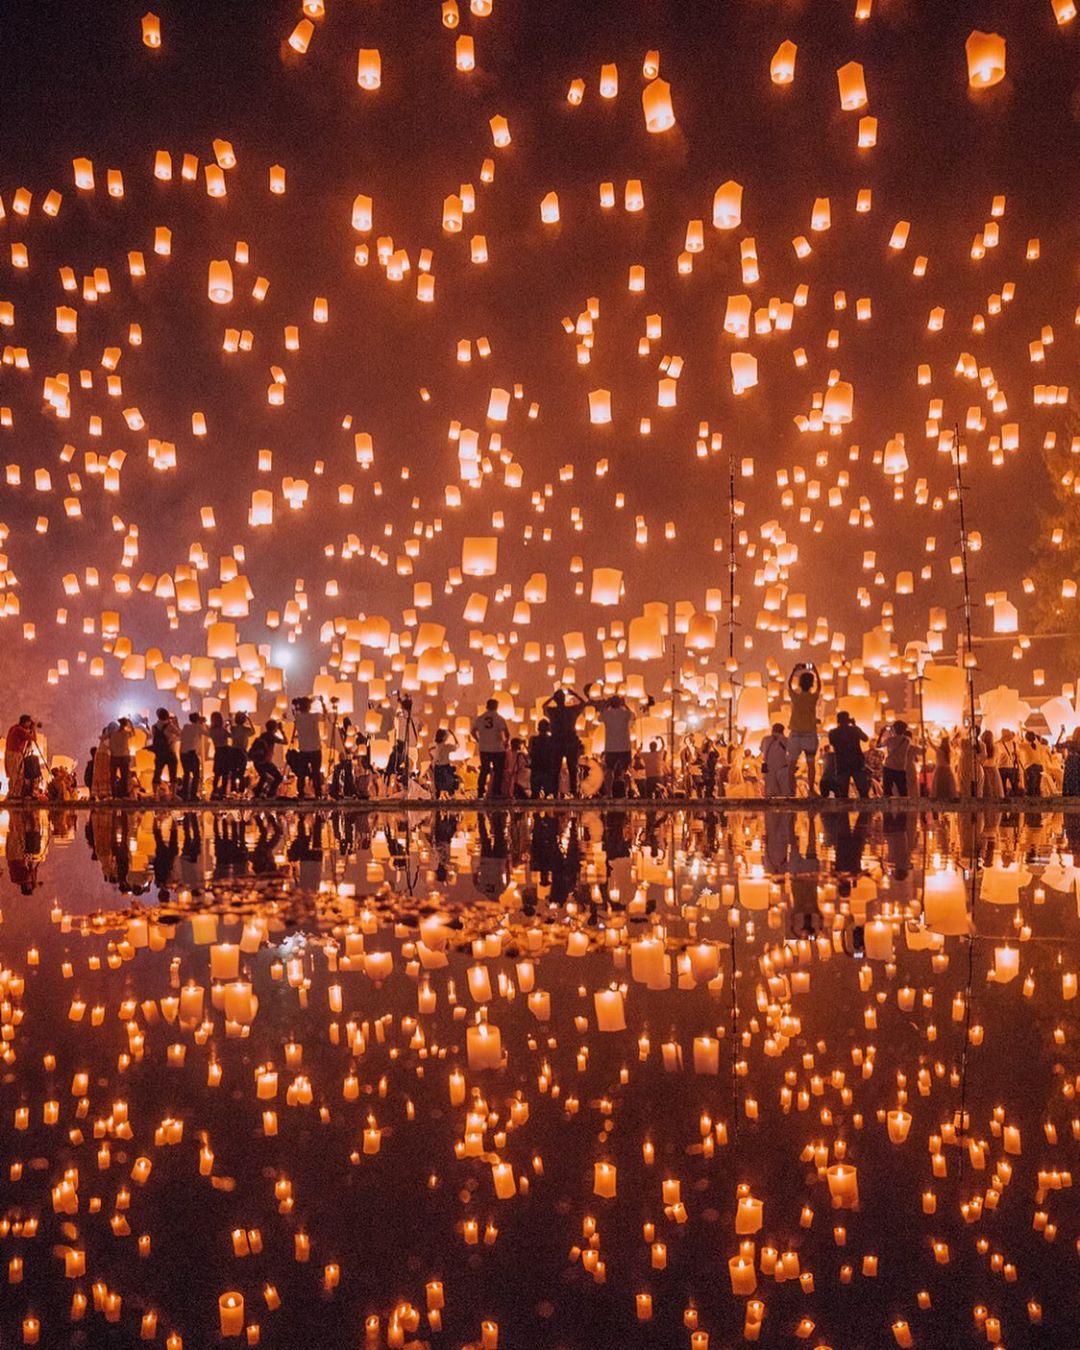 Kinh nghiệm đi Chiang Mai - Lễ hội thả đèn trời Yi Peng